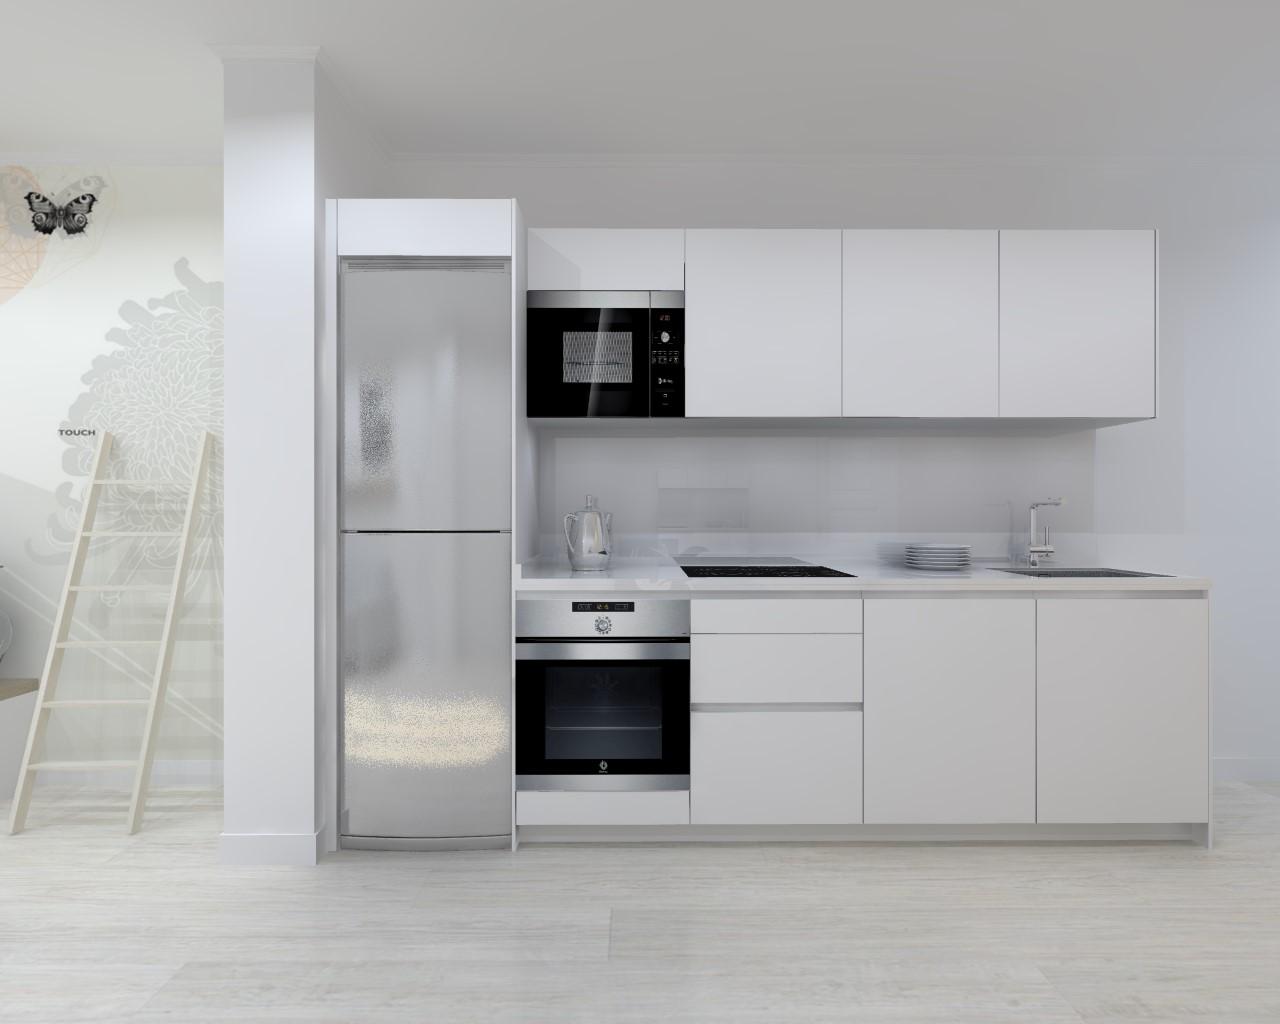 Proyectos de cocinas docrys cocinas for Color plomo